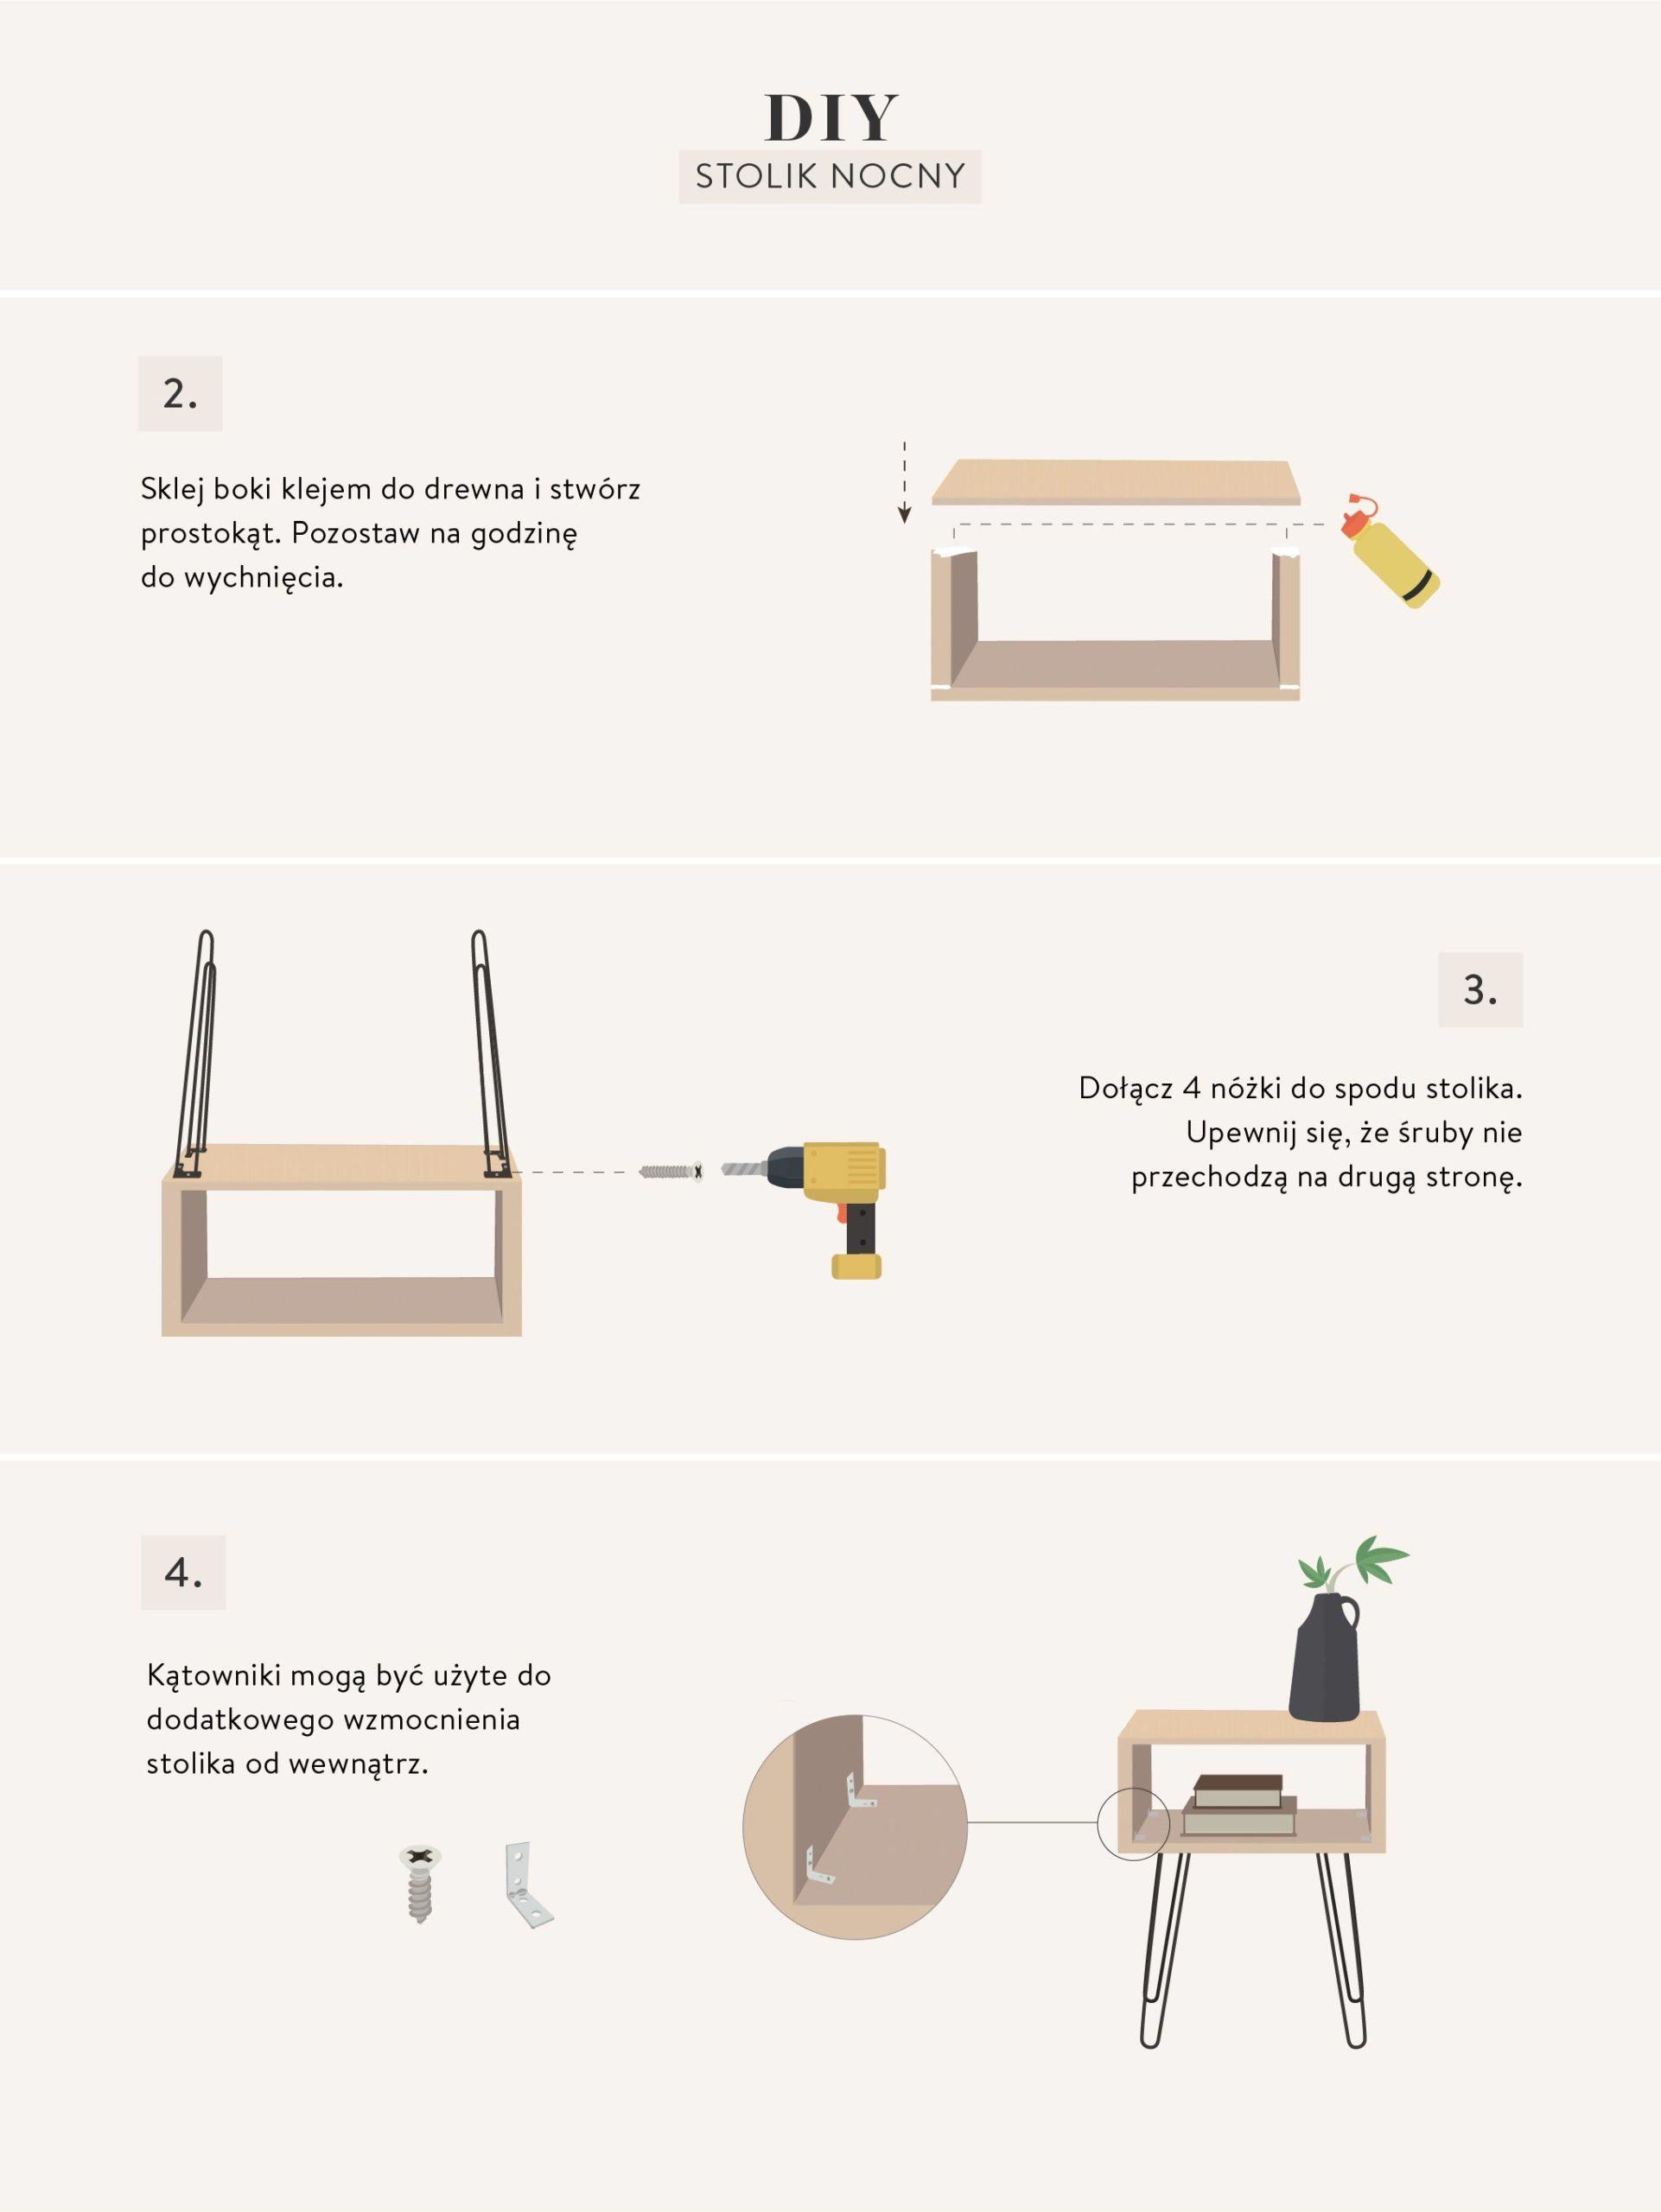 instrukcje wykonania prostego stolika nocnego